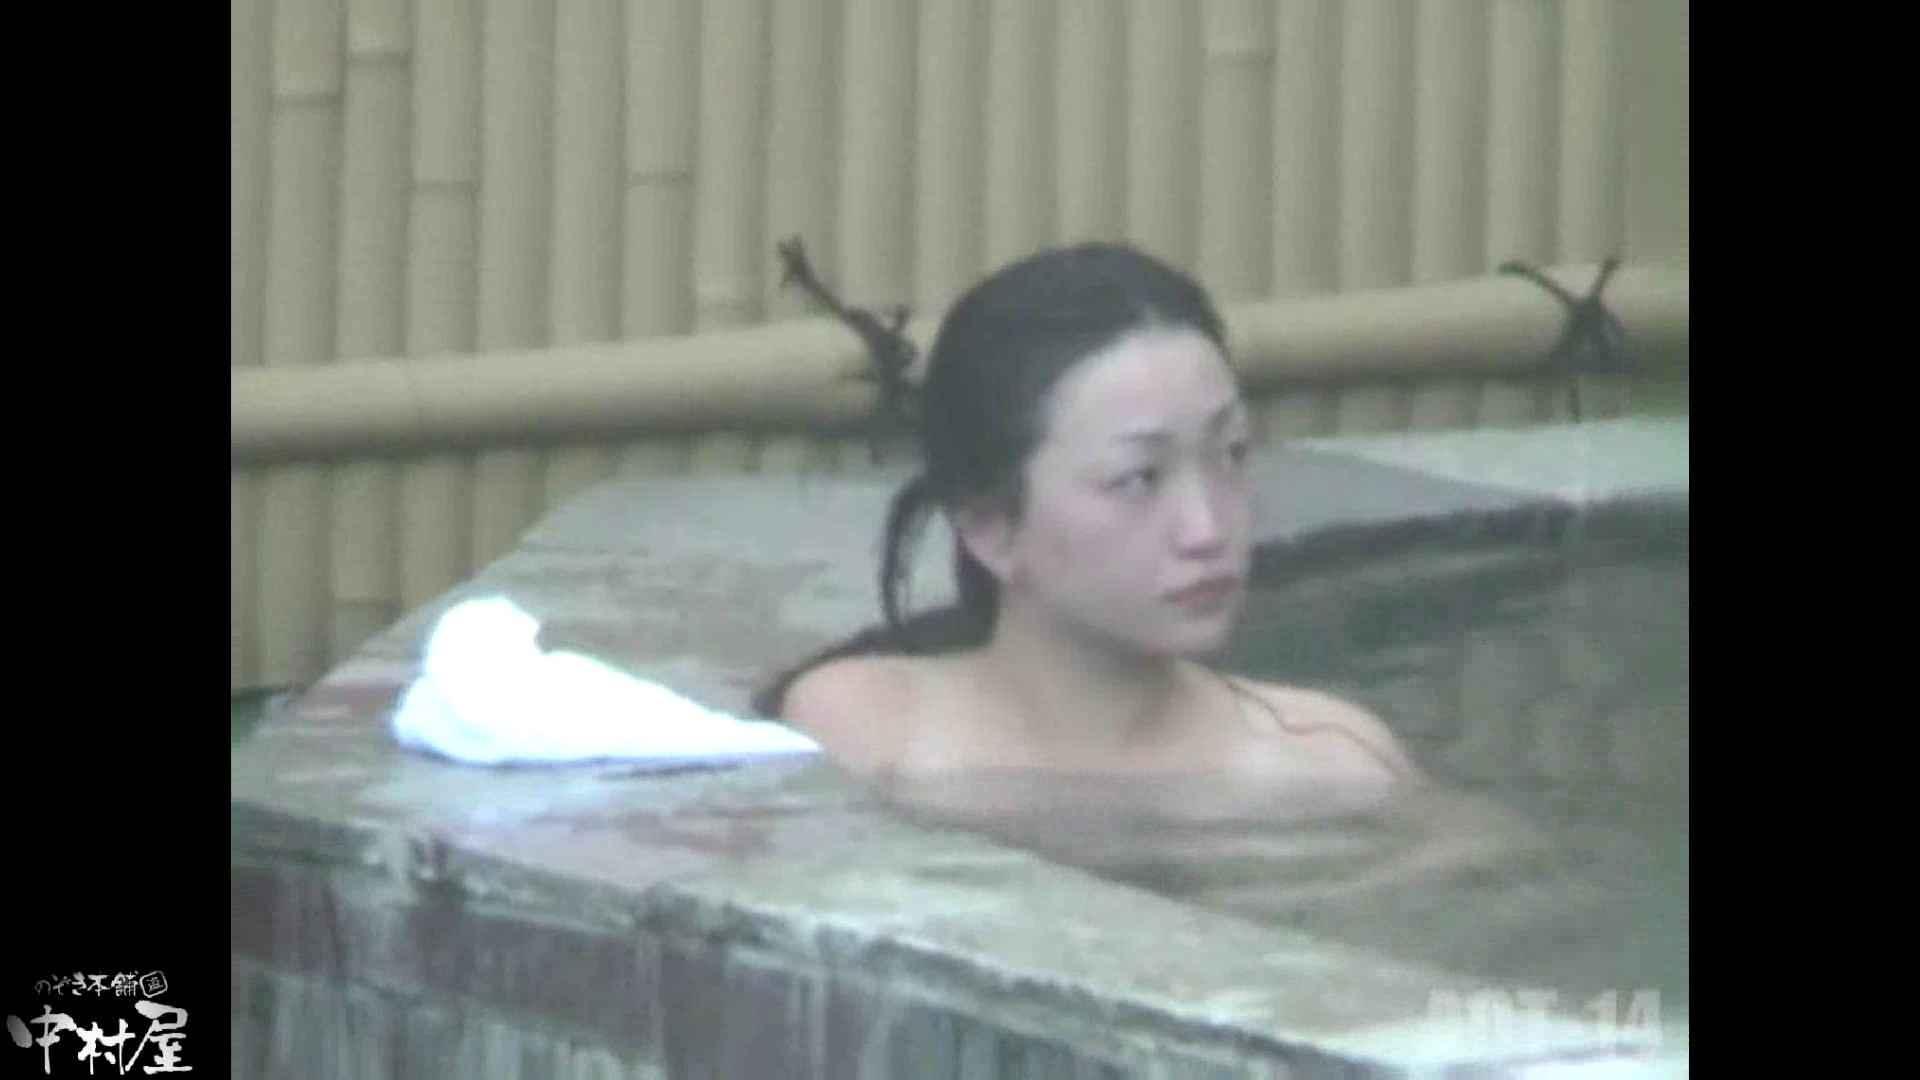 Aquaな露天風呂Vol.878潜入盗撮露天風呂十四判湯 其の七 盗撮師作品  70pic 28